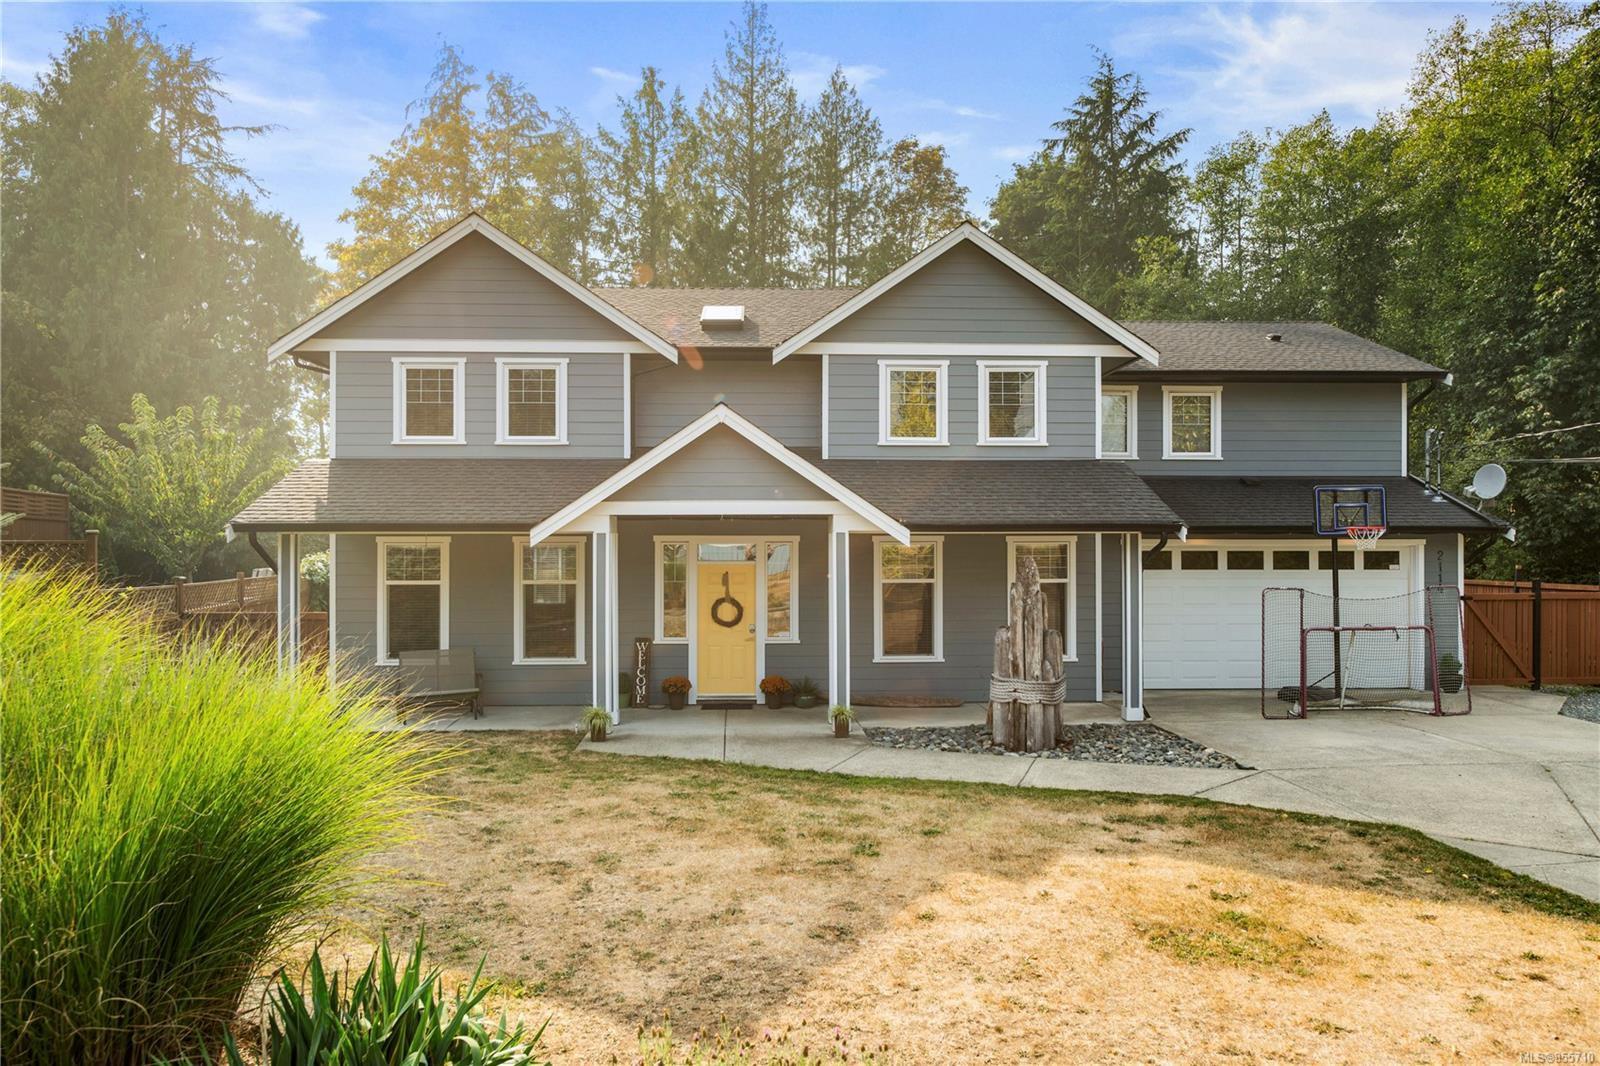 Main Photo: 2114 Winfield Dr in : Sk Sooke Vill Core House for sale (Sooke)  : MLS®# 855710